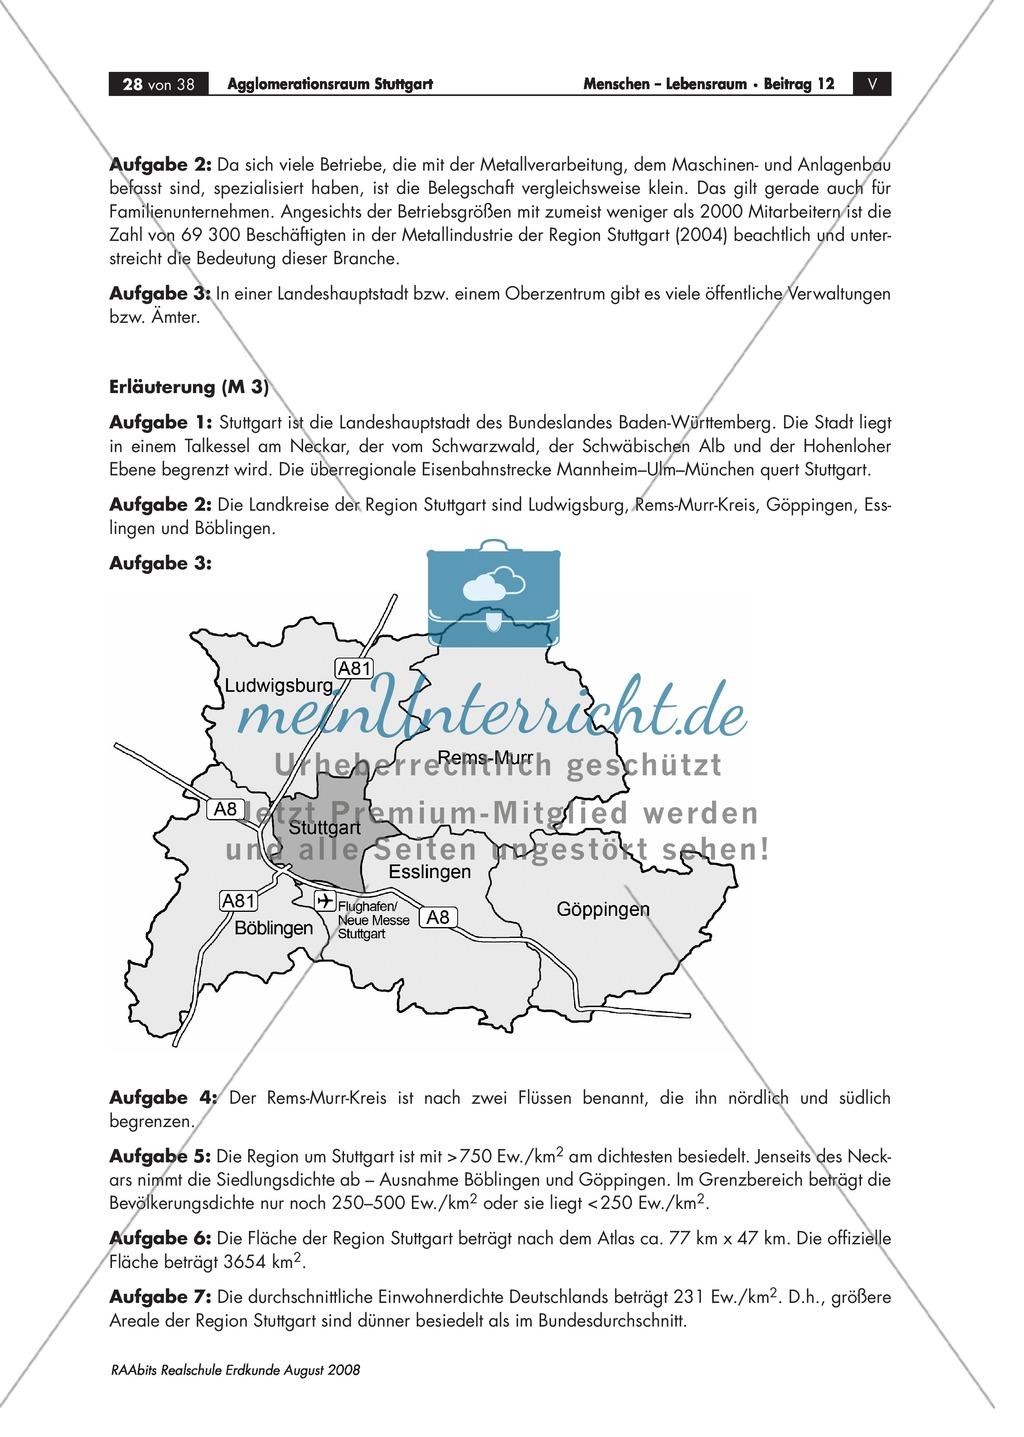 Kartenarbeit: Bevölkerungsdichte im Raum Stuttgart in eine stumme Karte einzeichnen Preview 1